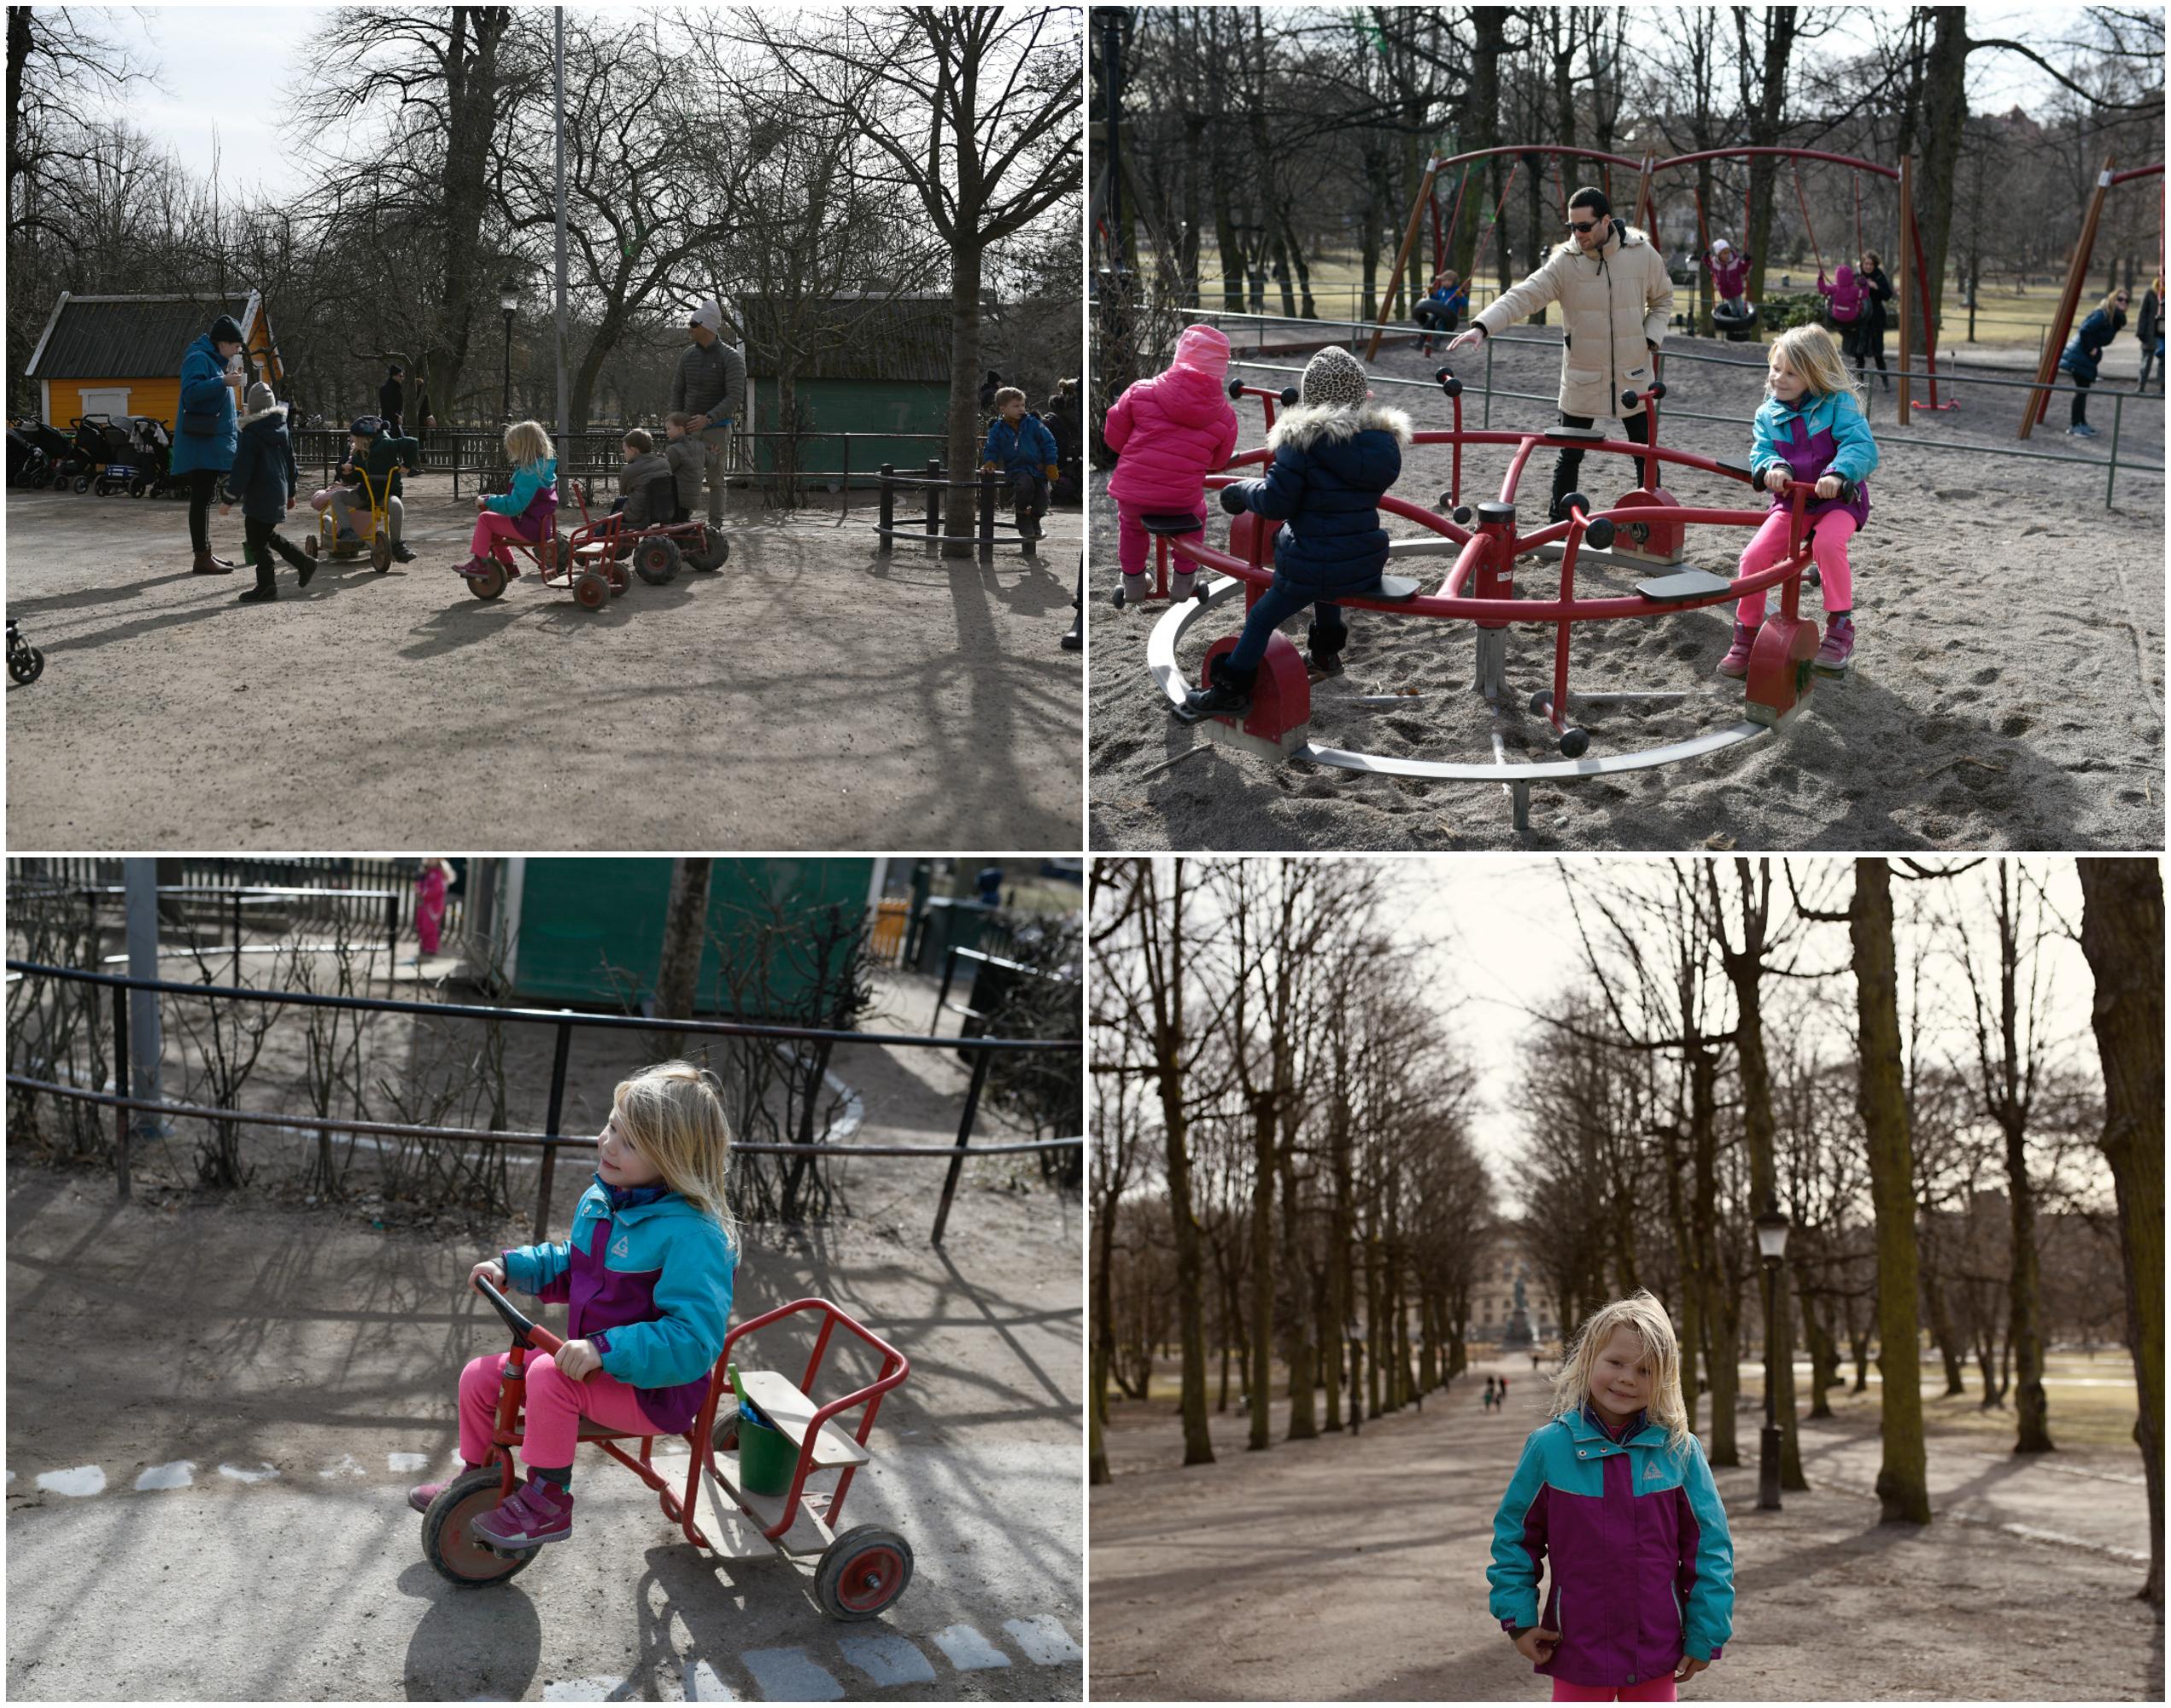 Humlegården Playground